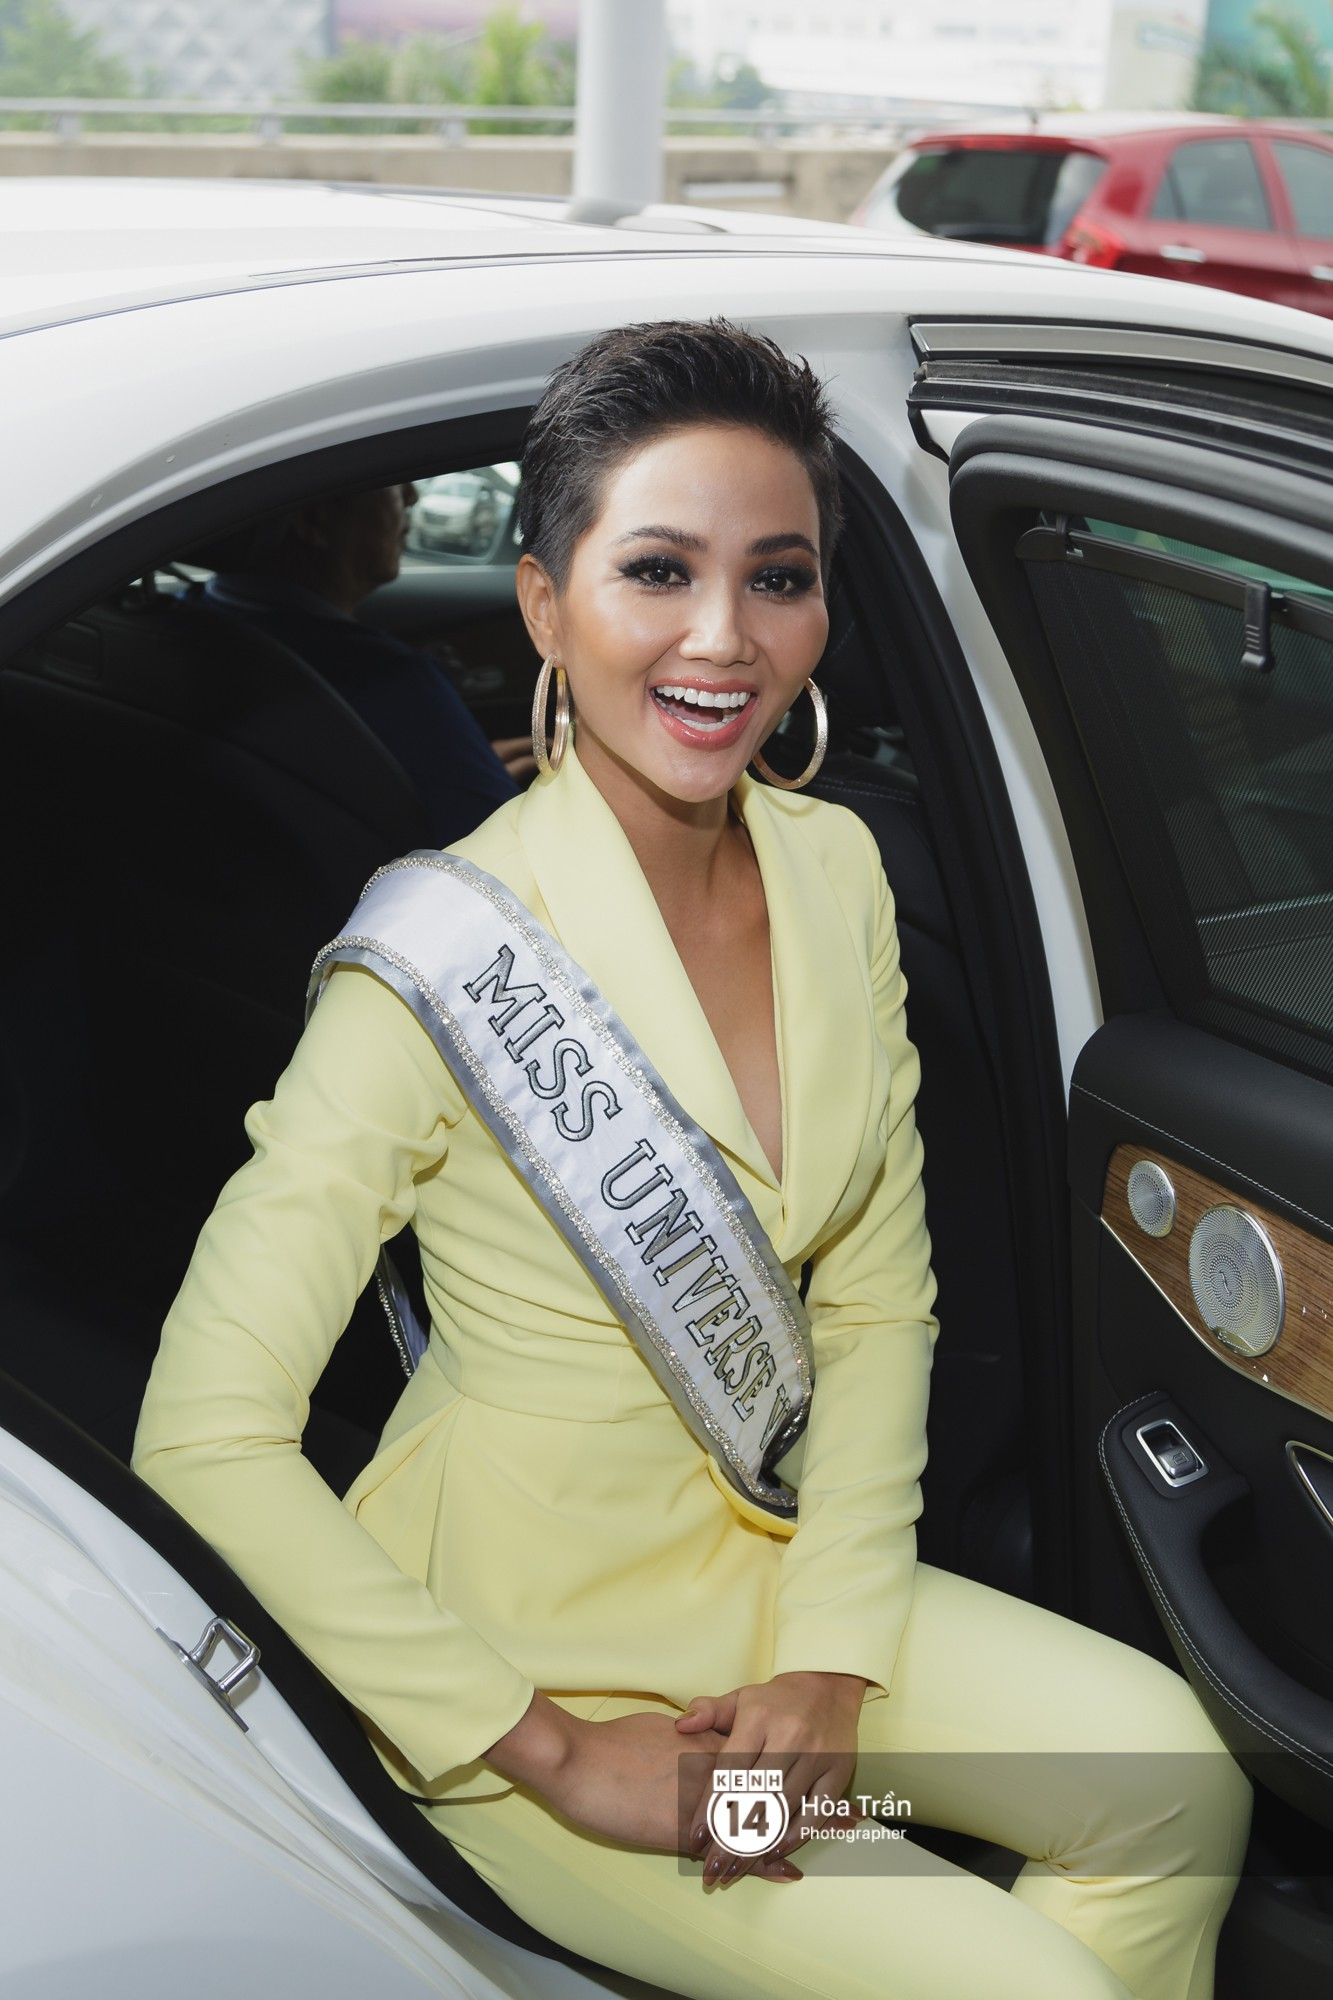 Gia đình HHen Niê diện trang phục người Ê-Đê, tiễn chân con gái bản làng đến Thái tham dự Miss Universe - Ảnh 1.